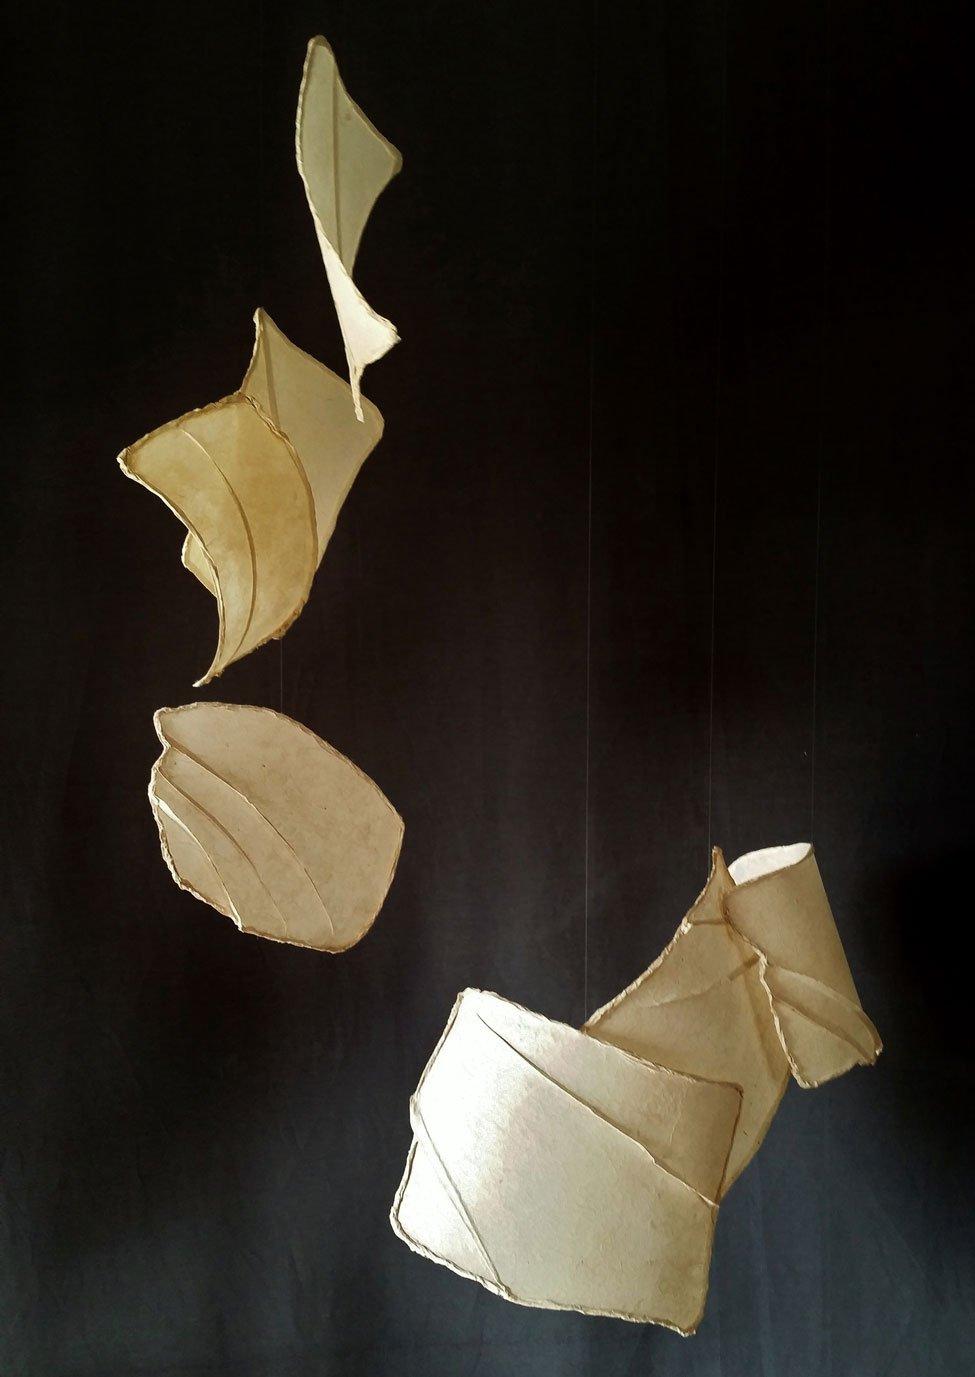 Papel de agave espadín hecho a mano, hilo de nylon y alambre. 150 x 100 x 80 cm. (sonoridad media)